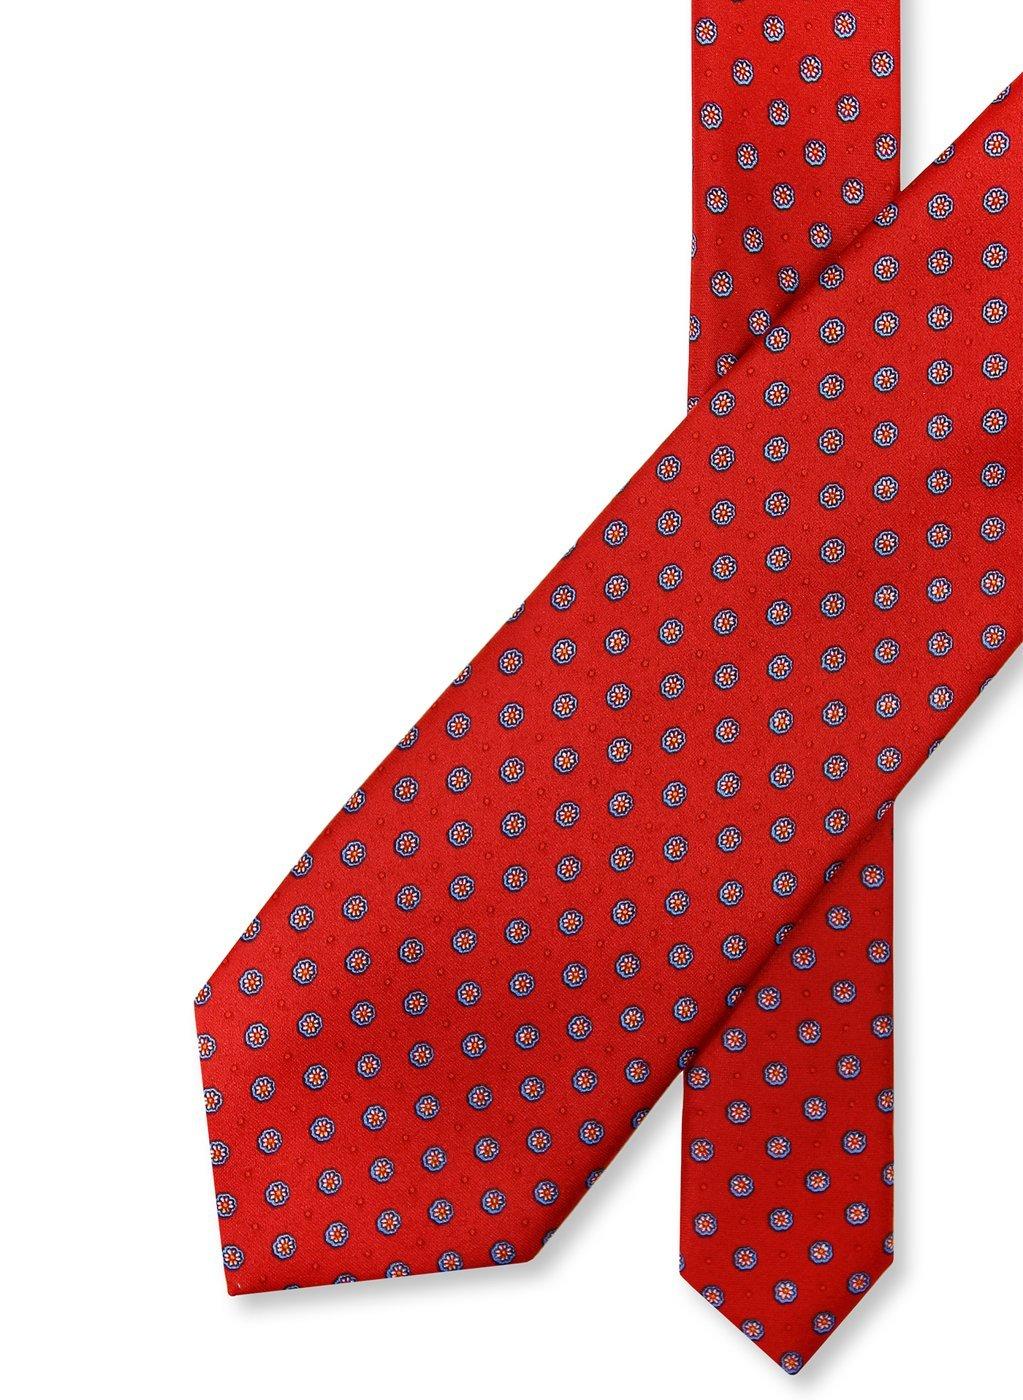 Krawat męski PLM-KX-446-X